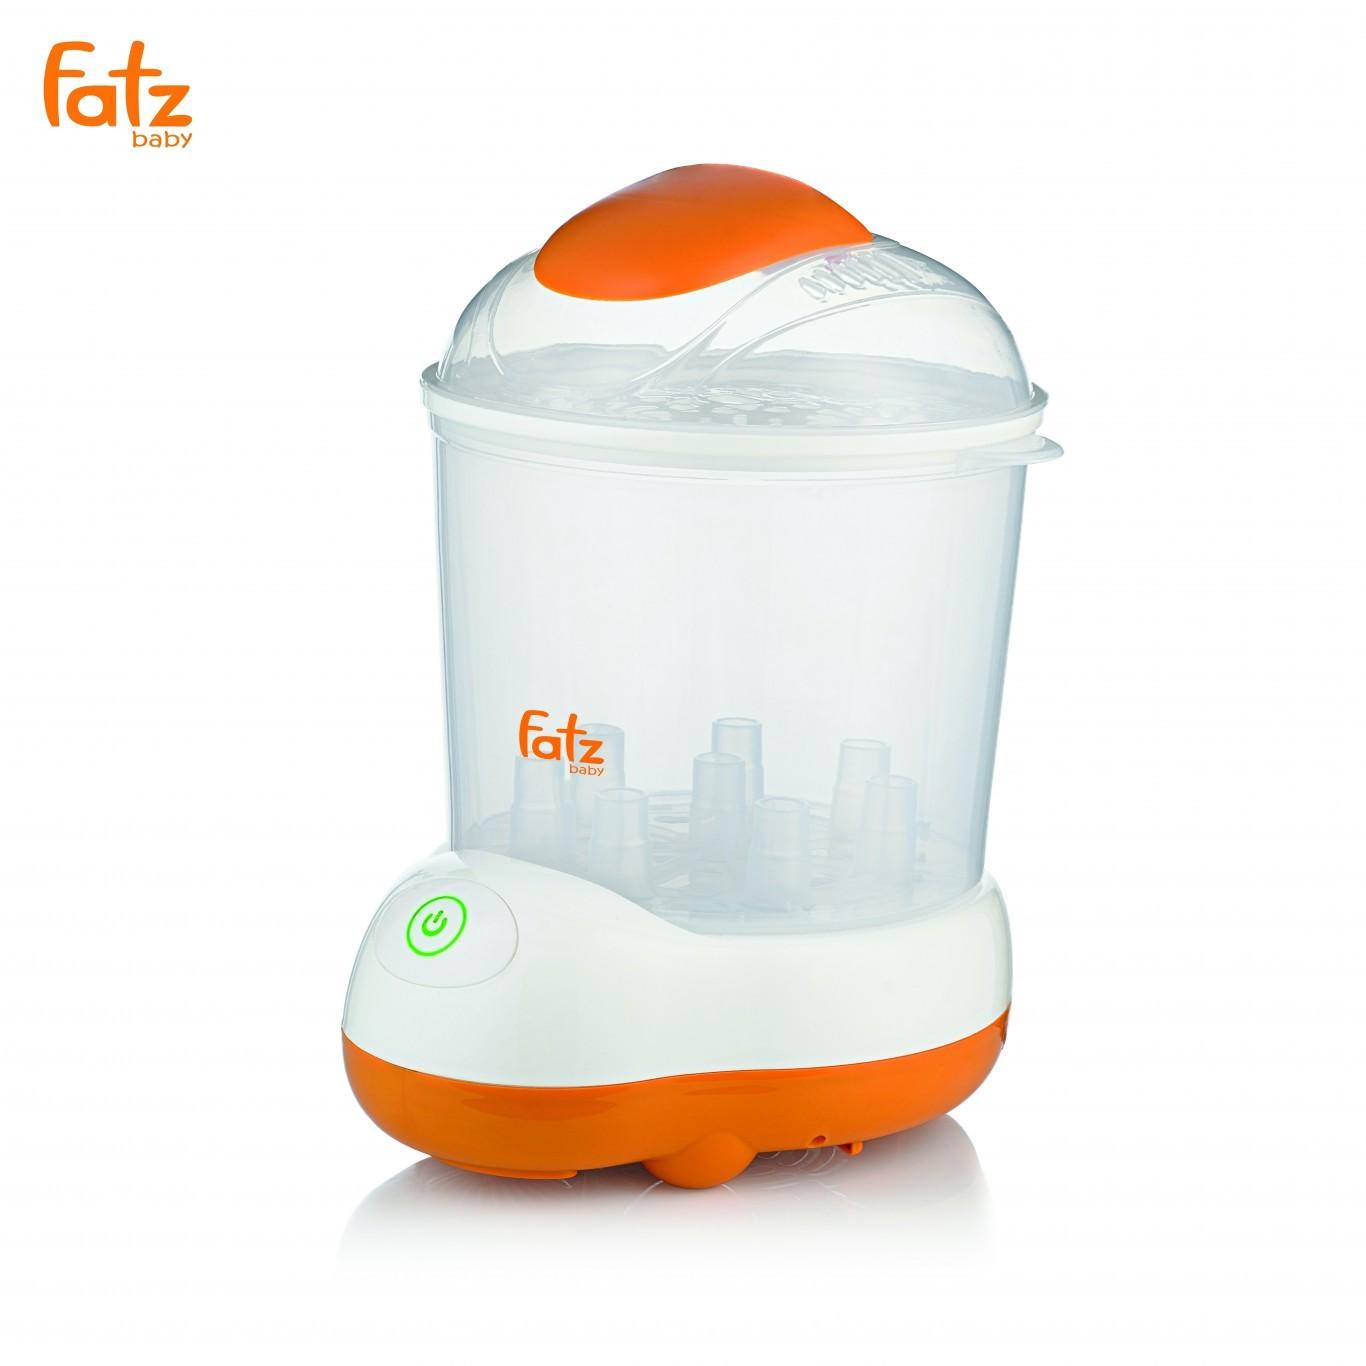 Máy tiệt trùng sấy khô Fatzbaby